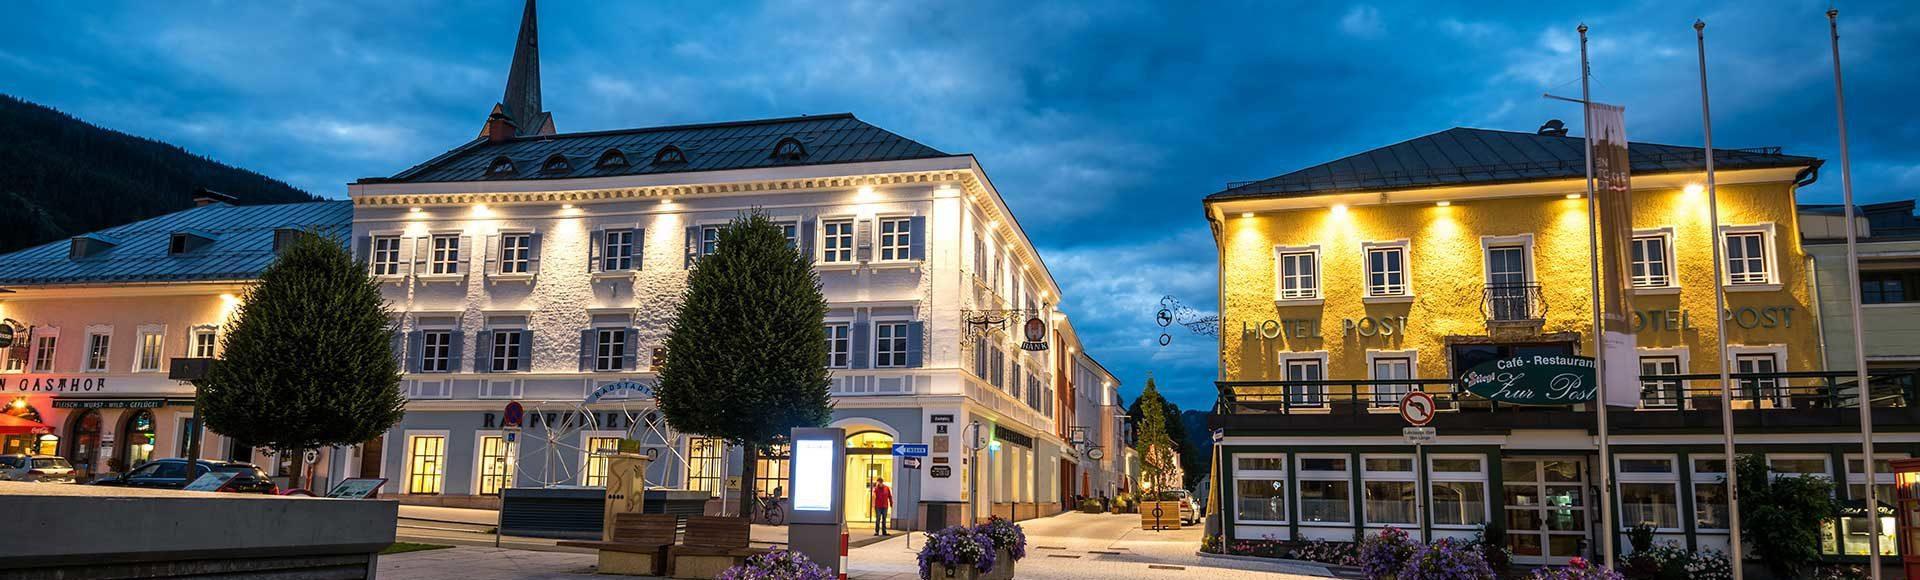 Best Of Radstadt Tourismusverband Radstadt Lorenz Masser 1